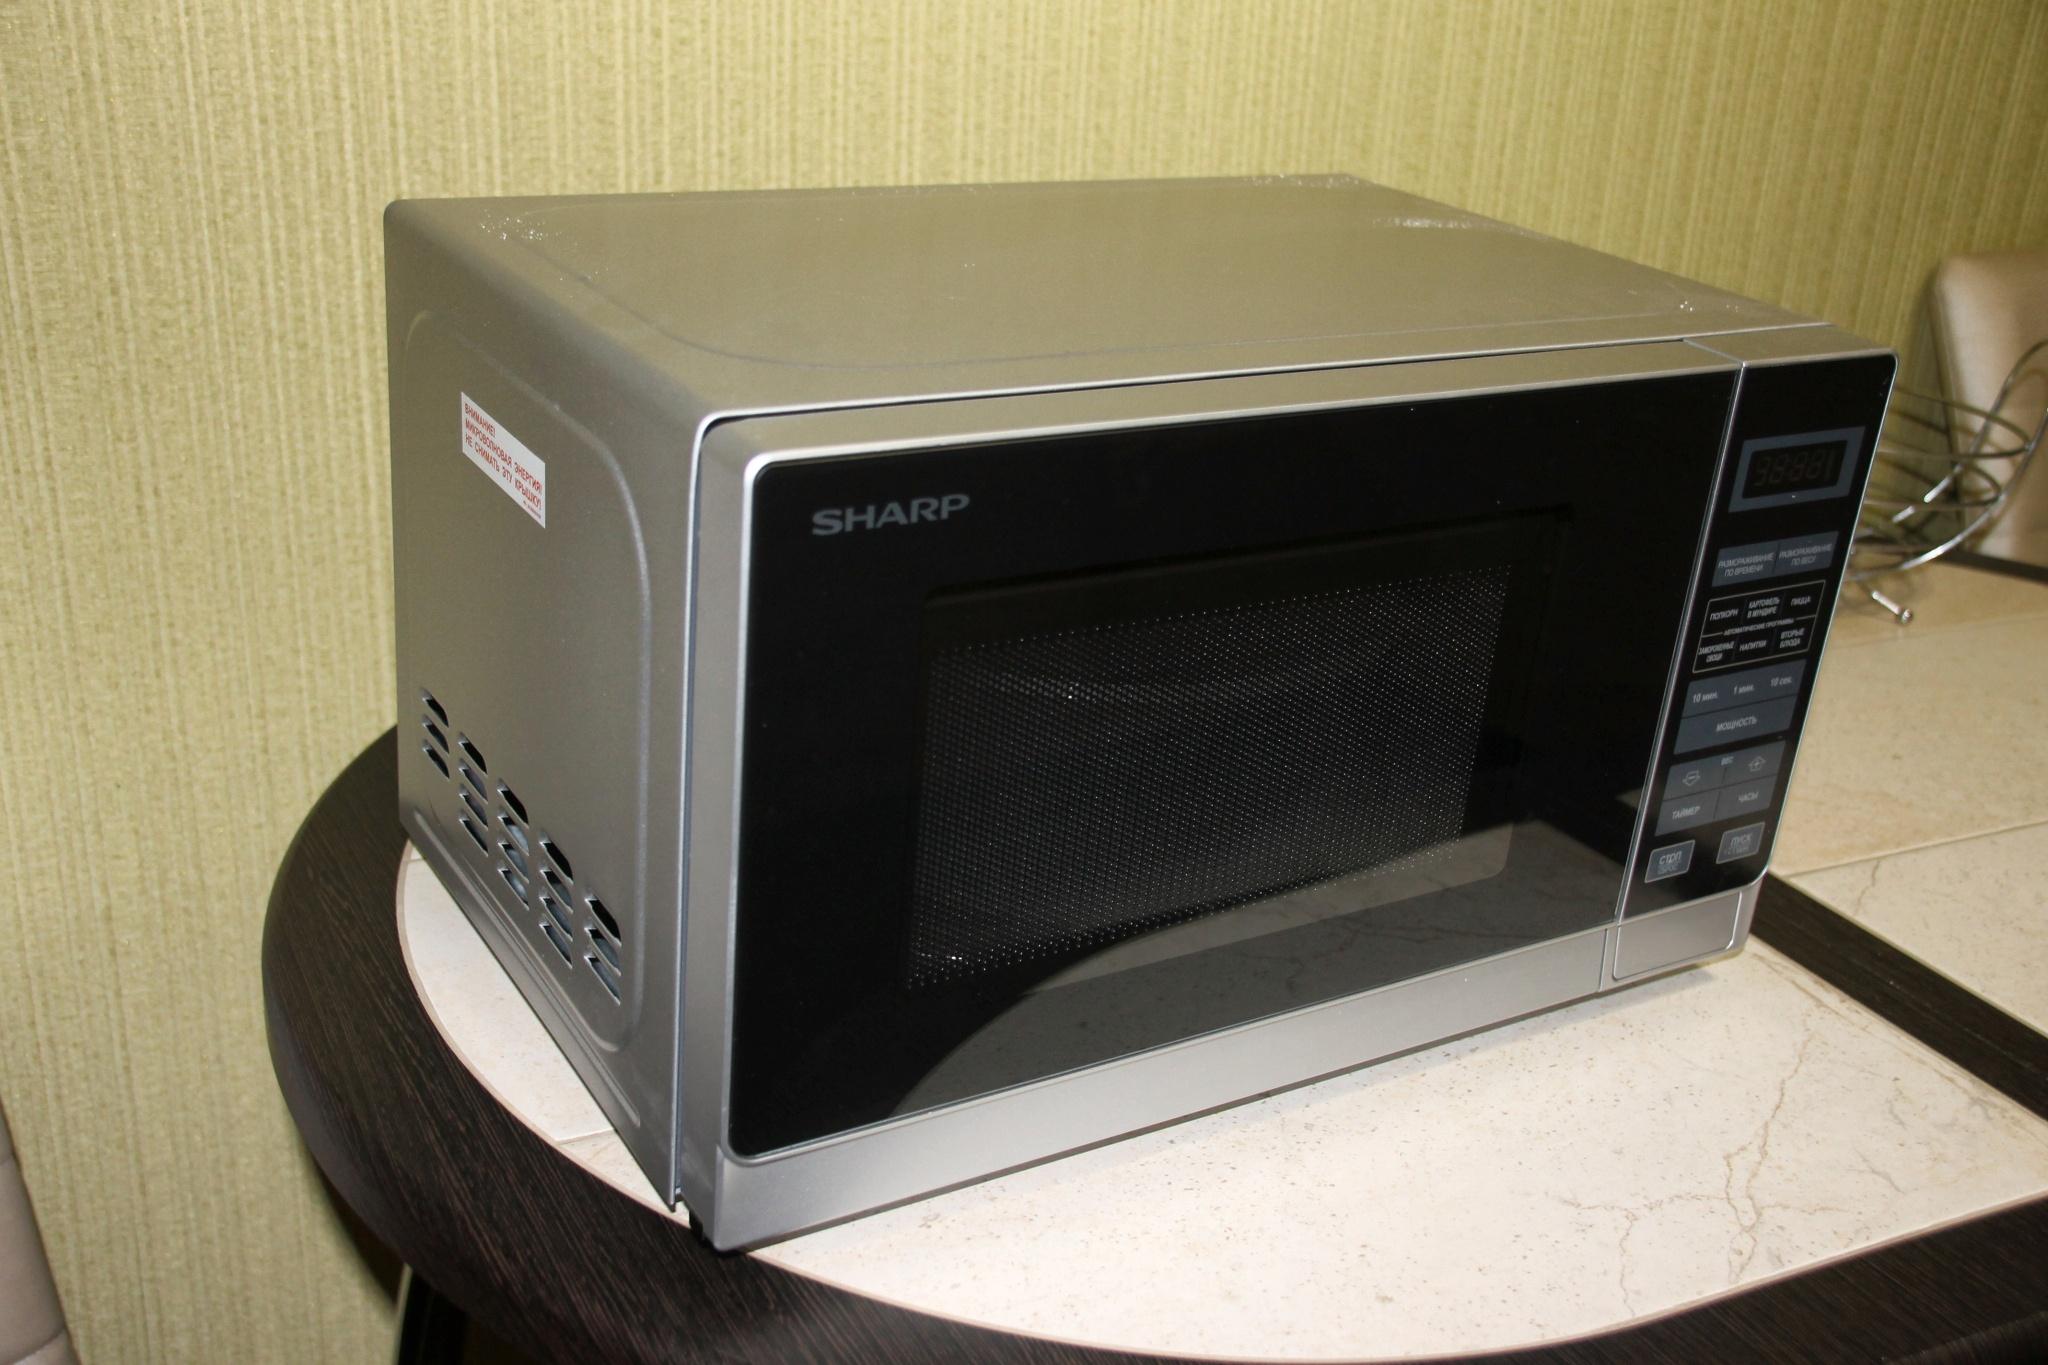 Микроволновая печь sharp r 239 инструкция